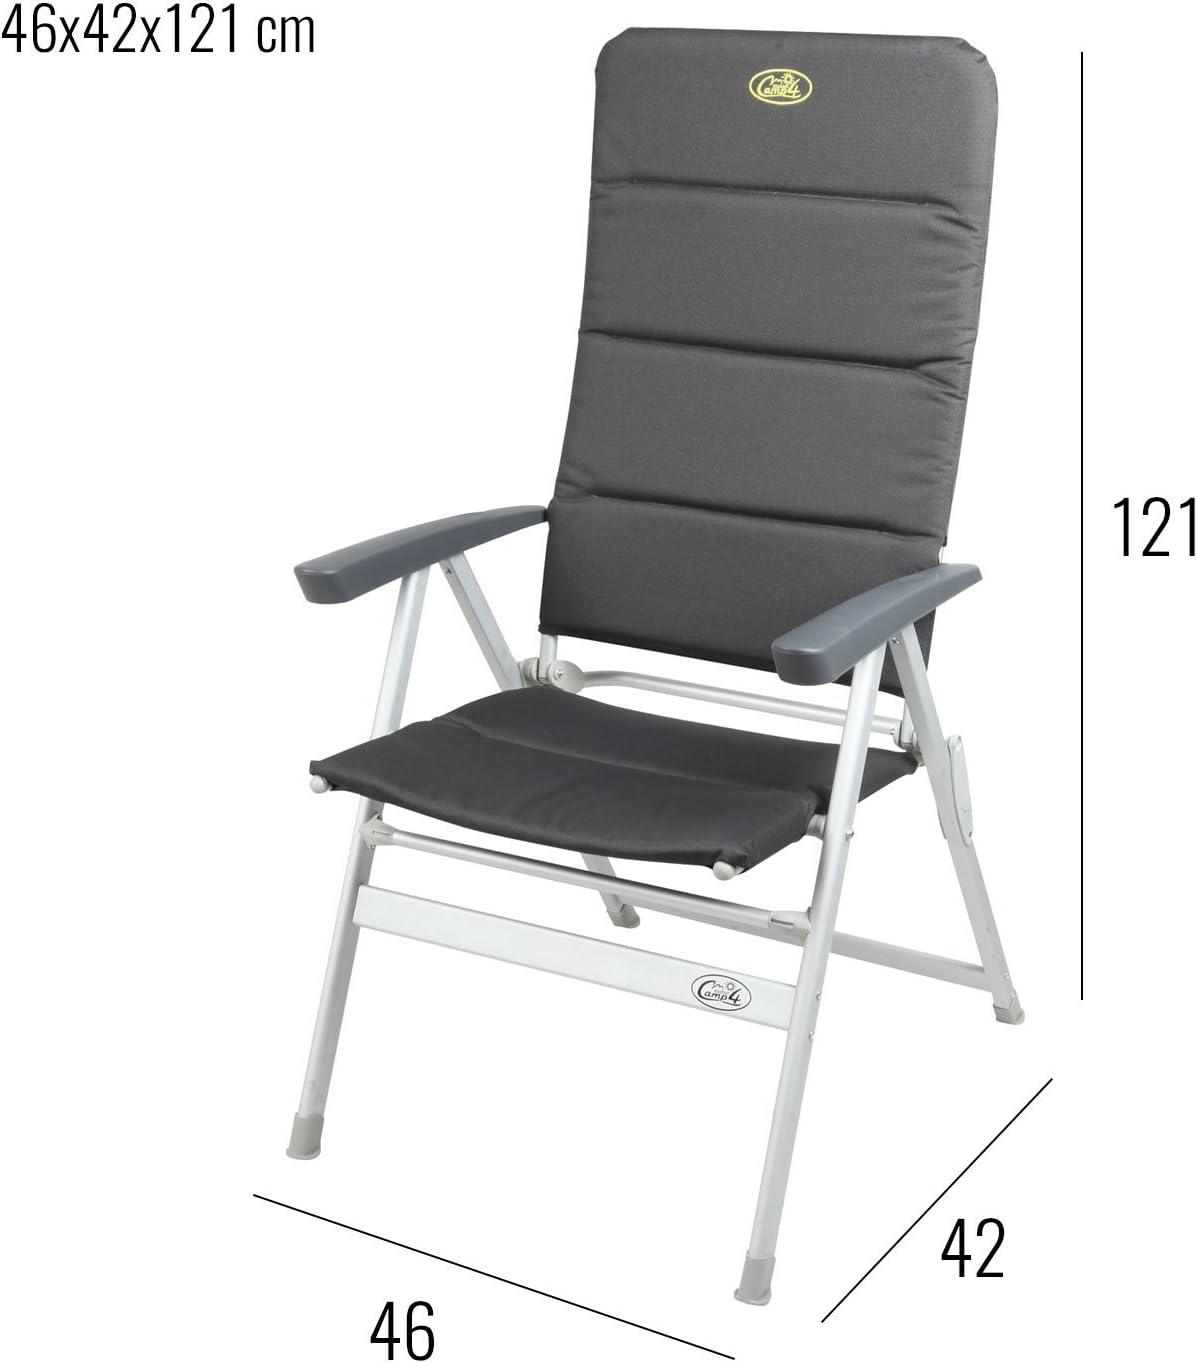 Set Di Mobili Da Campeggio Con Tavolo E 4 Sedie Grenoble 1 Tavolo Titan Space Ideale Per Roulotte E Camper Amazon It Giardino E Giardinaggio